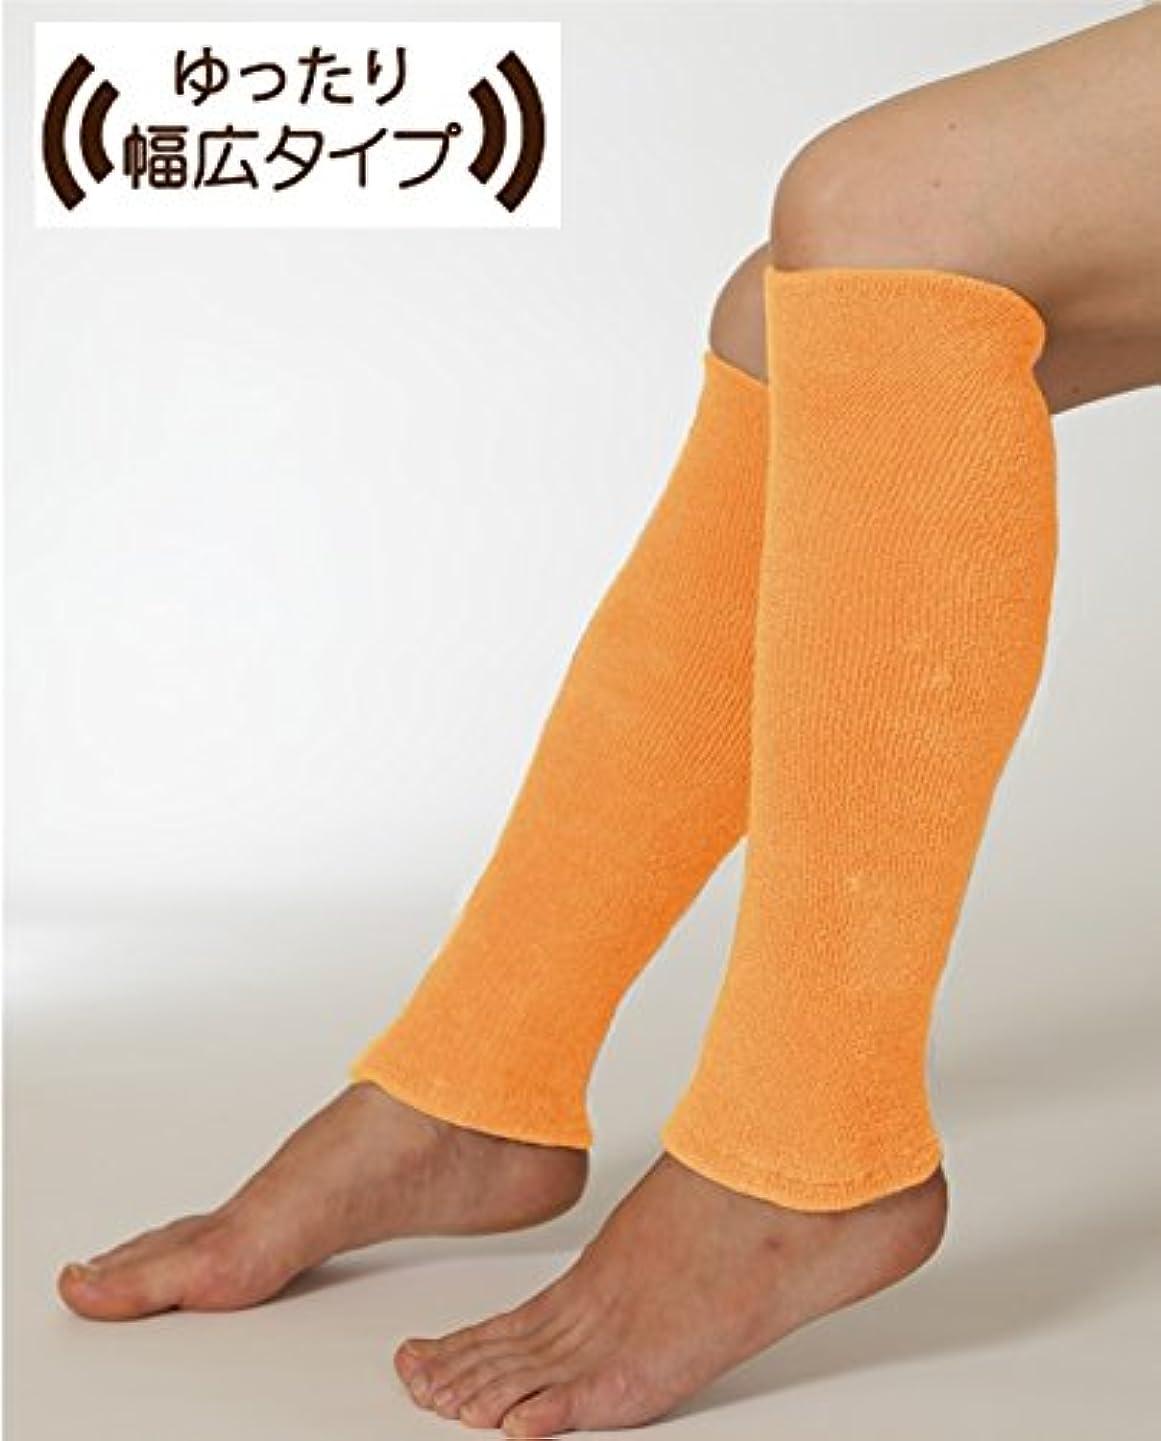 ふくらはぎ専用 ミーテ?ゆったり快適保温 (オレンジ)締め付けない  ゆったり幅広タイプ  長さ40cm